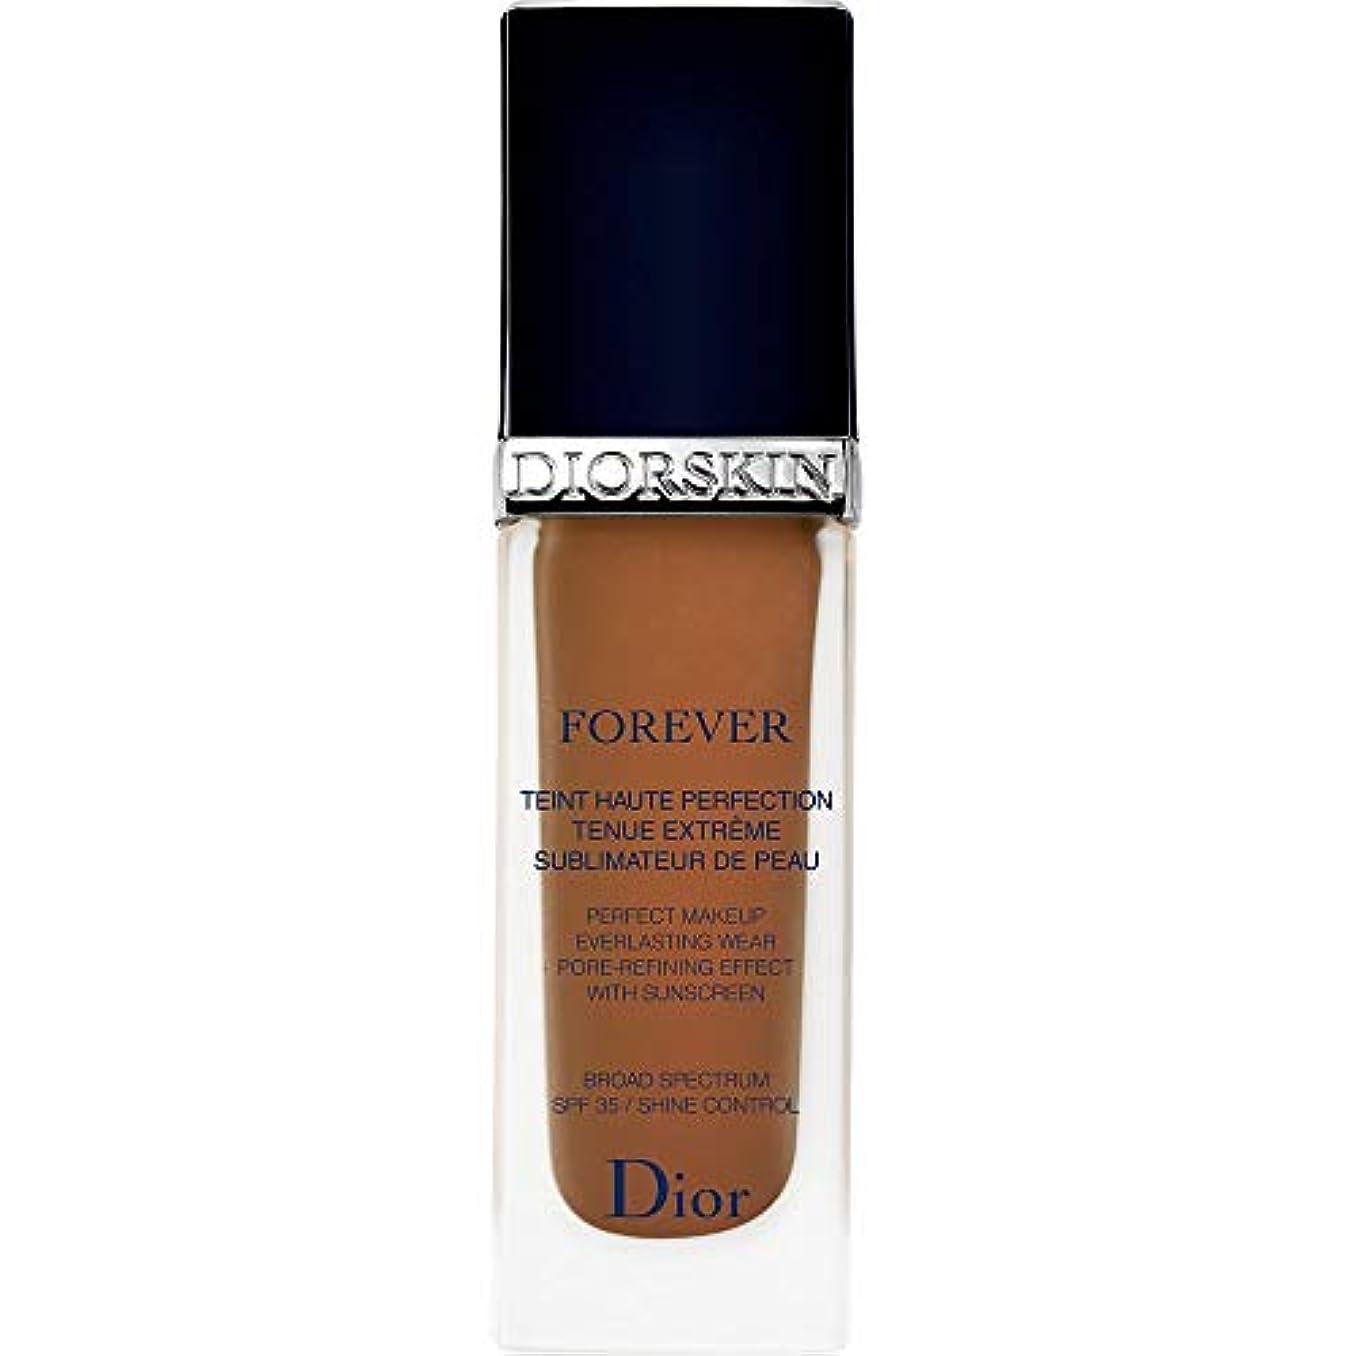 シンプトンうっかり認知[Dior ] ディオールディオールスキン永遠基礎Spf35 30ミリリットル070 - ダークブラウン - DIOR Diorskin Forever Foundation SPF35 30ml 070 - Dark...